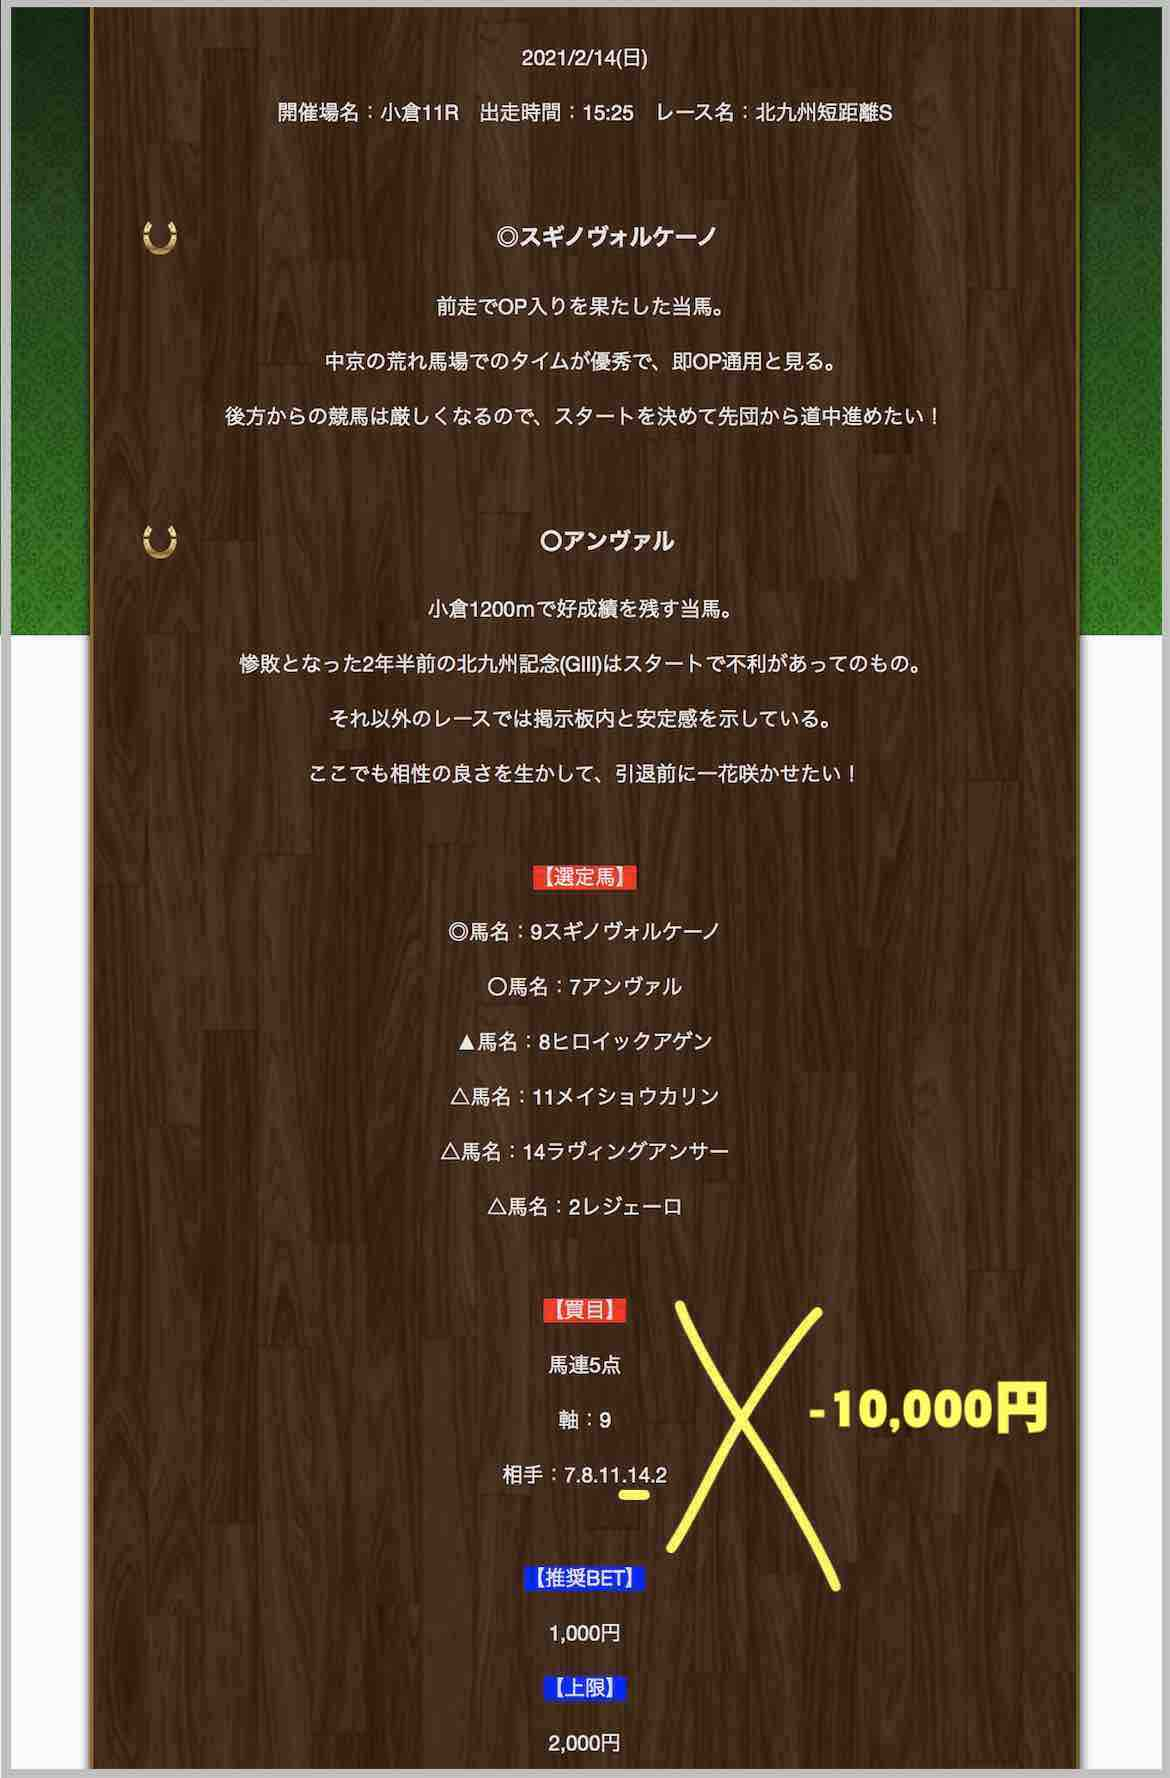 ラッキー競馬の無料予想(無料情報)の抜き打ち検証(小倉11R 門司S)